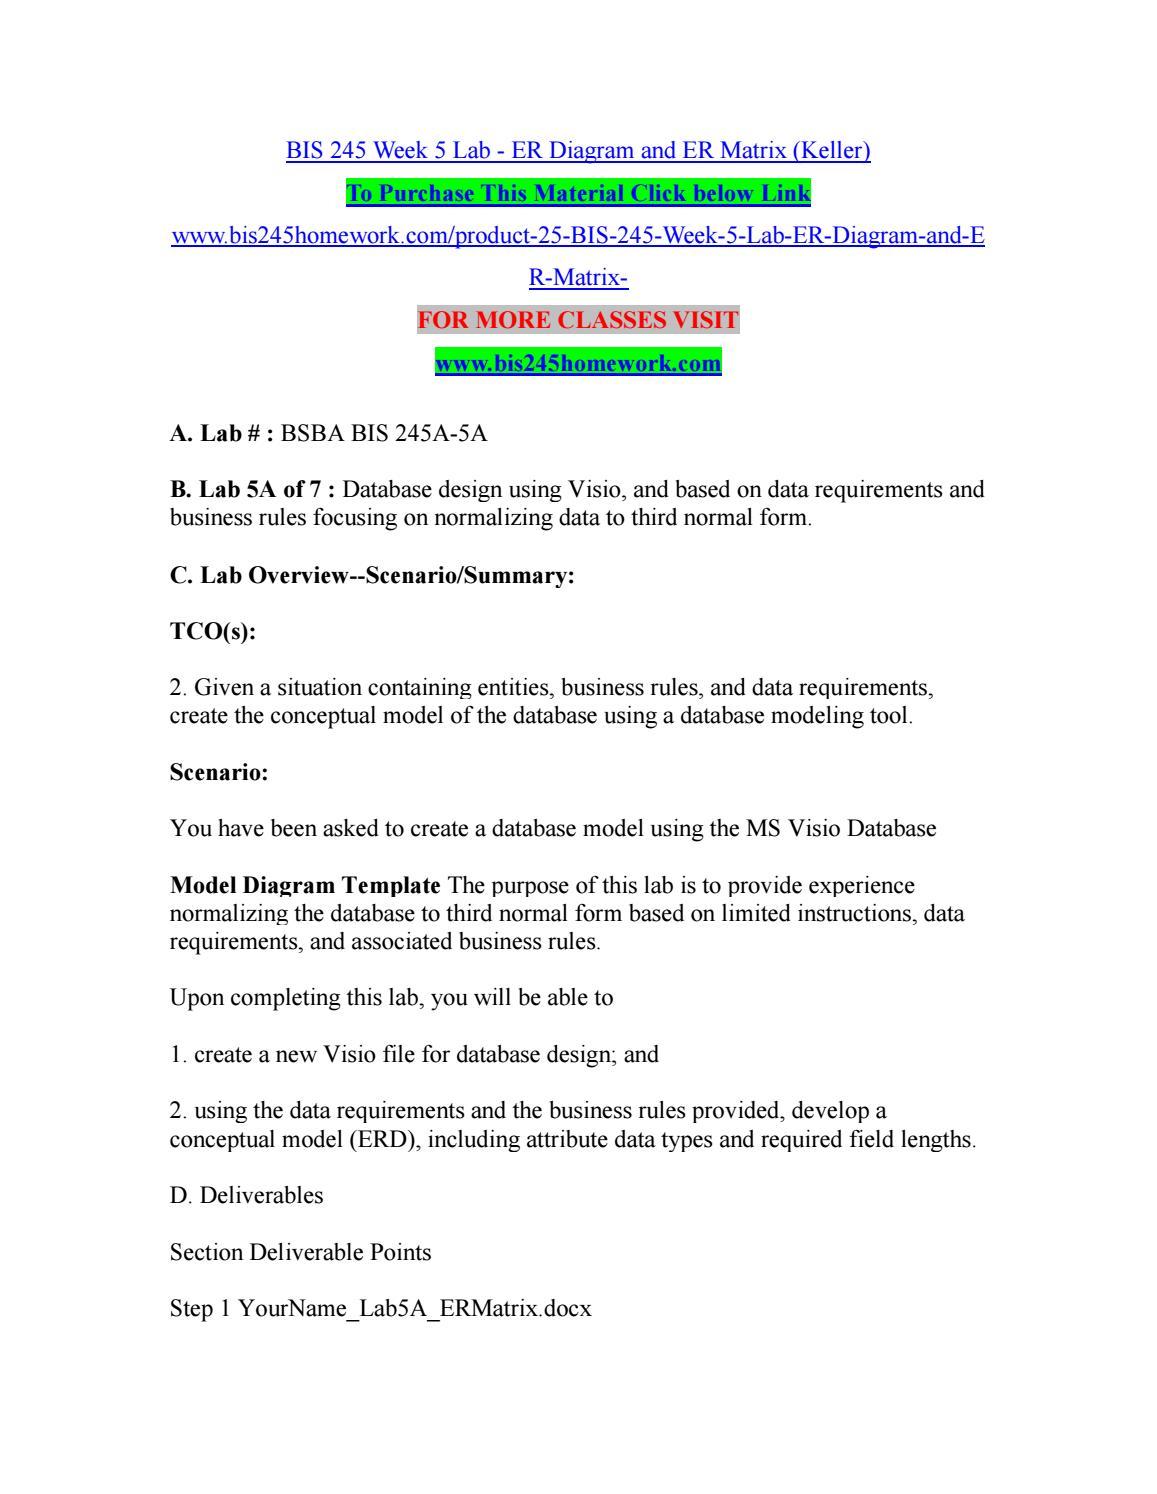 Bis 245 Week 5 Lab - Er Diagram And Er Matrix (Keller).pdf intended for Er Diagram Pdf